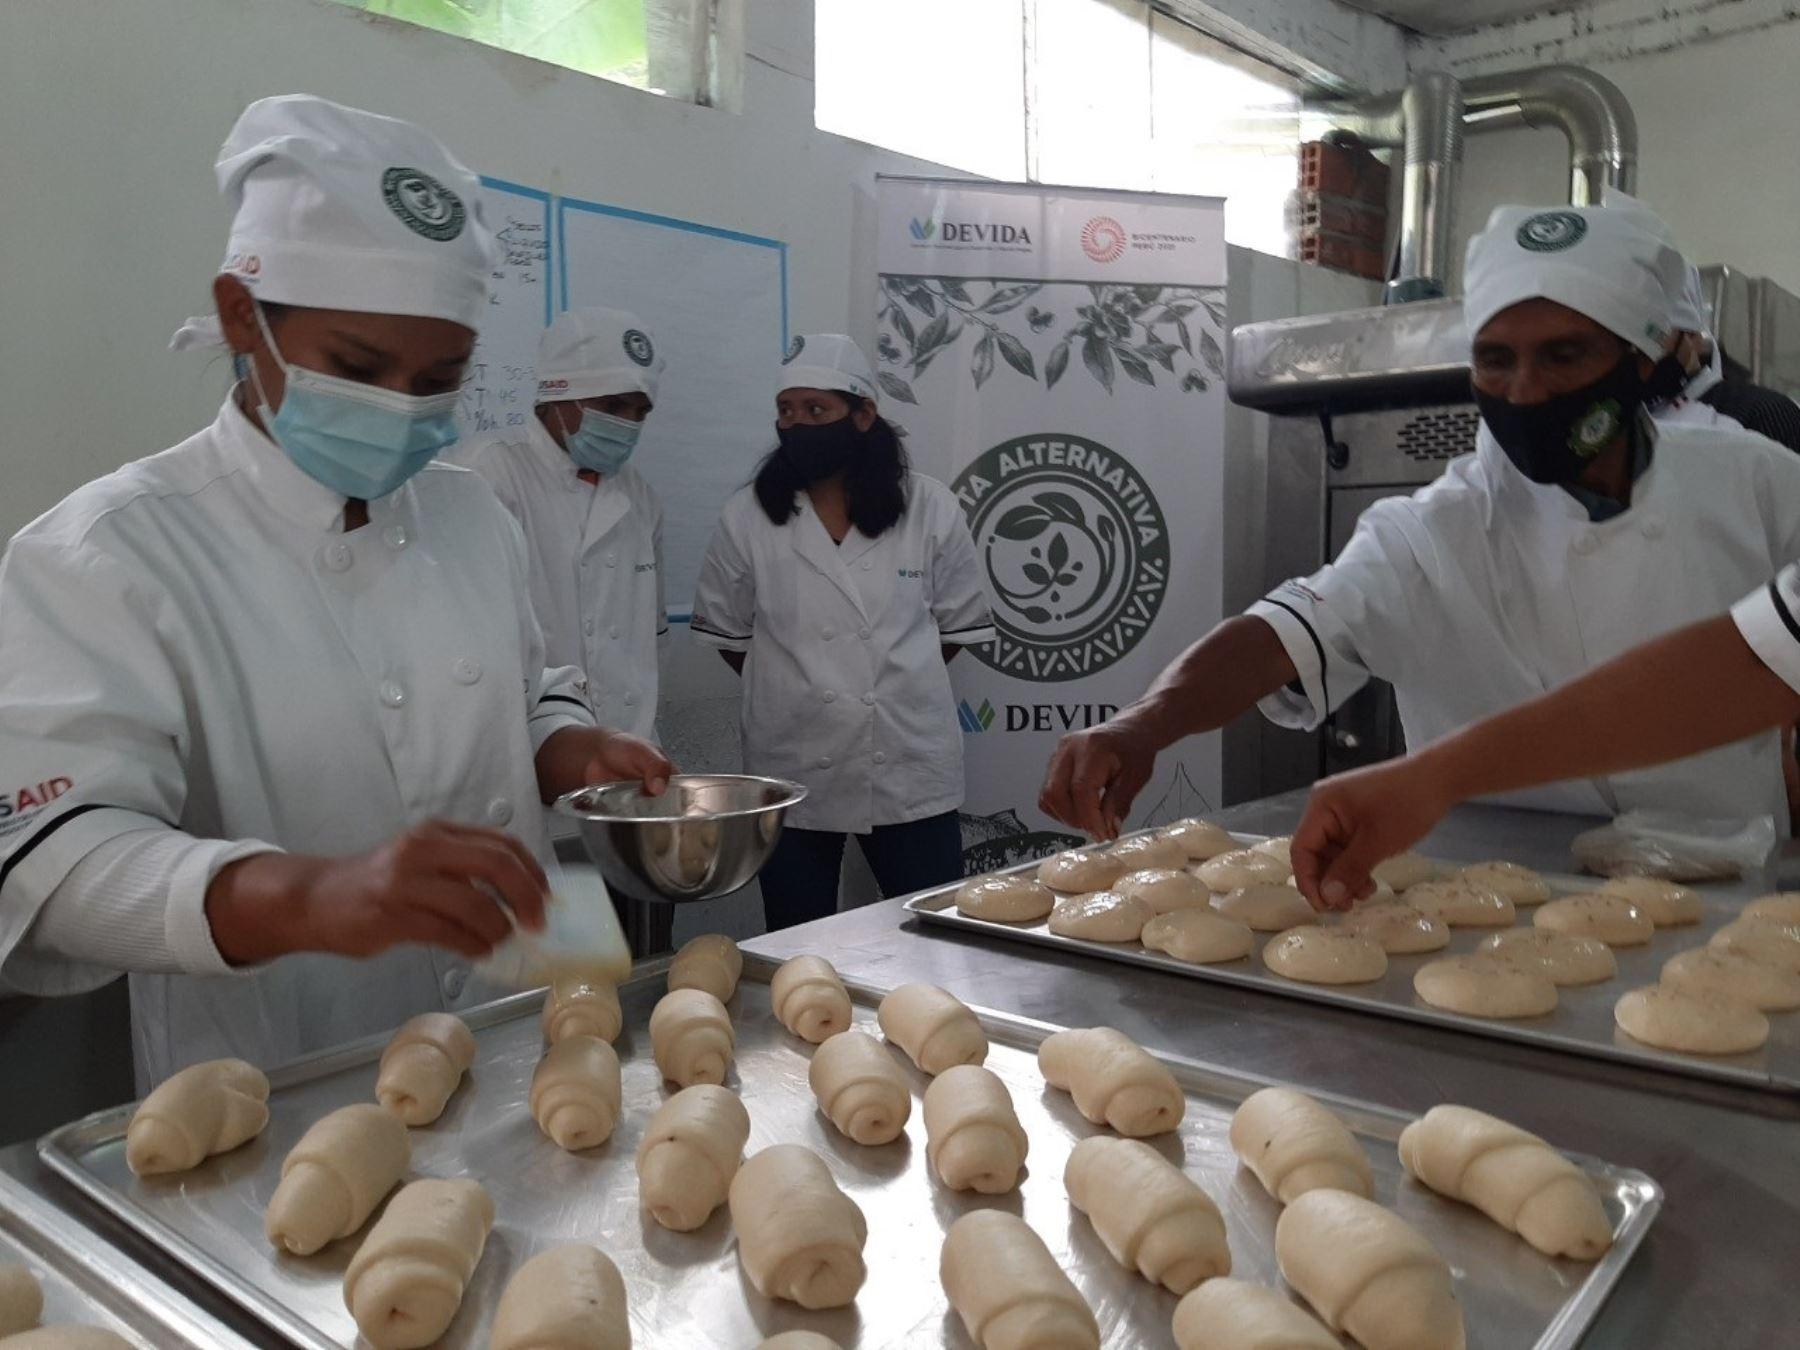 Agricultores de la provincia de Sandia, en Puno, innovan con deliciosos panes de café, naranja, piña y plátano para generarse nuevos ingresos. ANDINA/Difusión